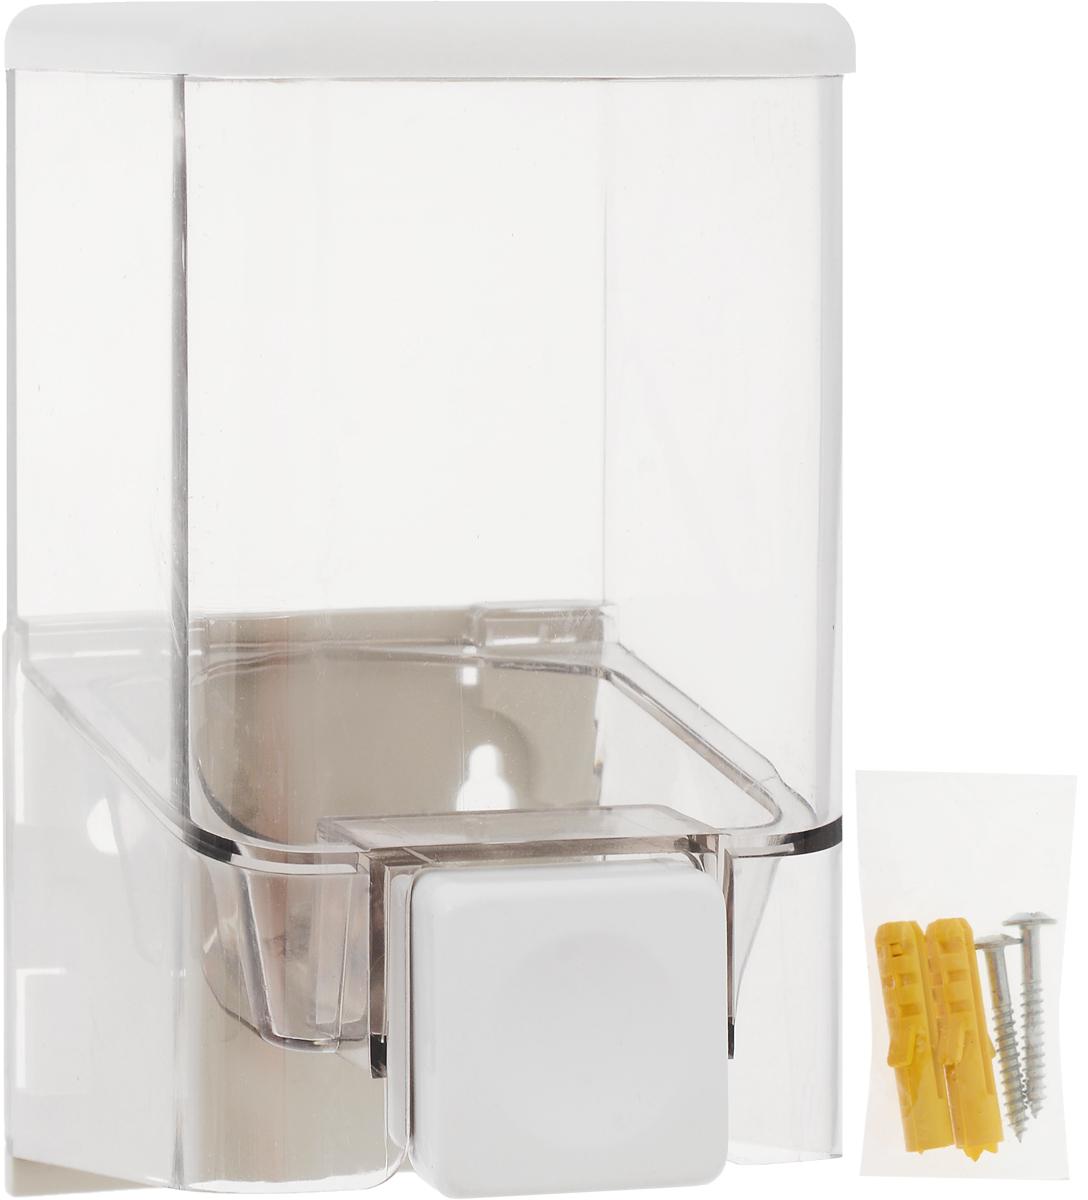 Диспенсер для жидкого мыла Vanstore, 380 мл901-52Настенный диспенсер для жидкого мыла Vanstore изготовлен из прочного пластика с прозрачным окошком. Надежен и удобен в использовании. Крепится на шурупах (в комплекте). Подходит как для домашнего, так и для профессионального использования.